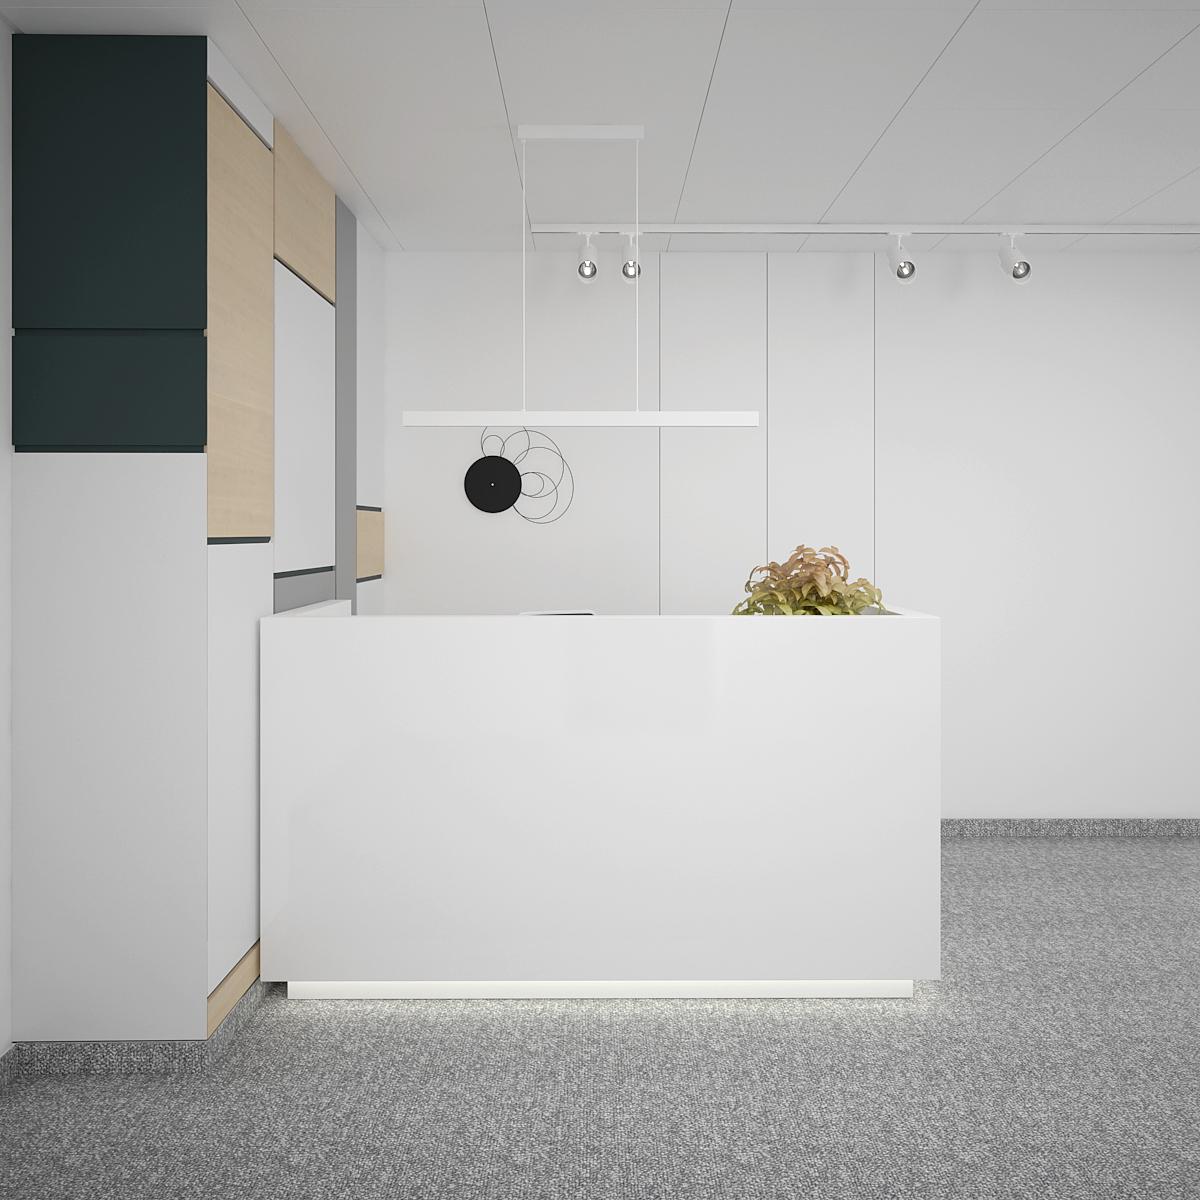 1 aranzacja biura B128 biuro krakow recepcja lada recepcyjna szara wykladzina panele na scianie oswietlenie na szynoprzewodach